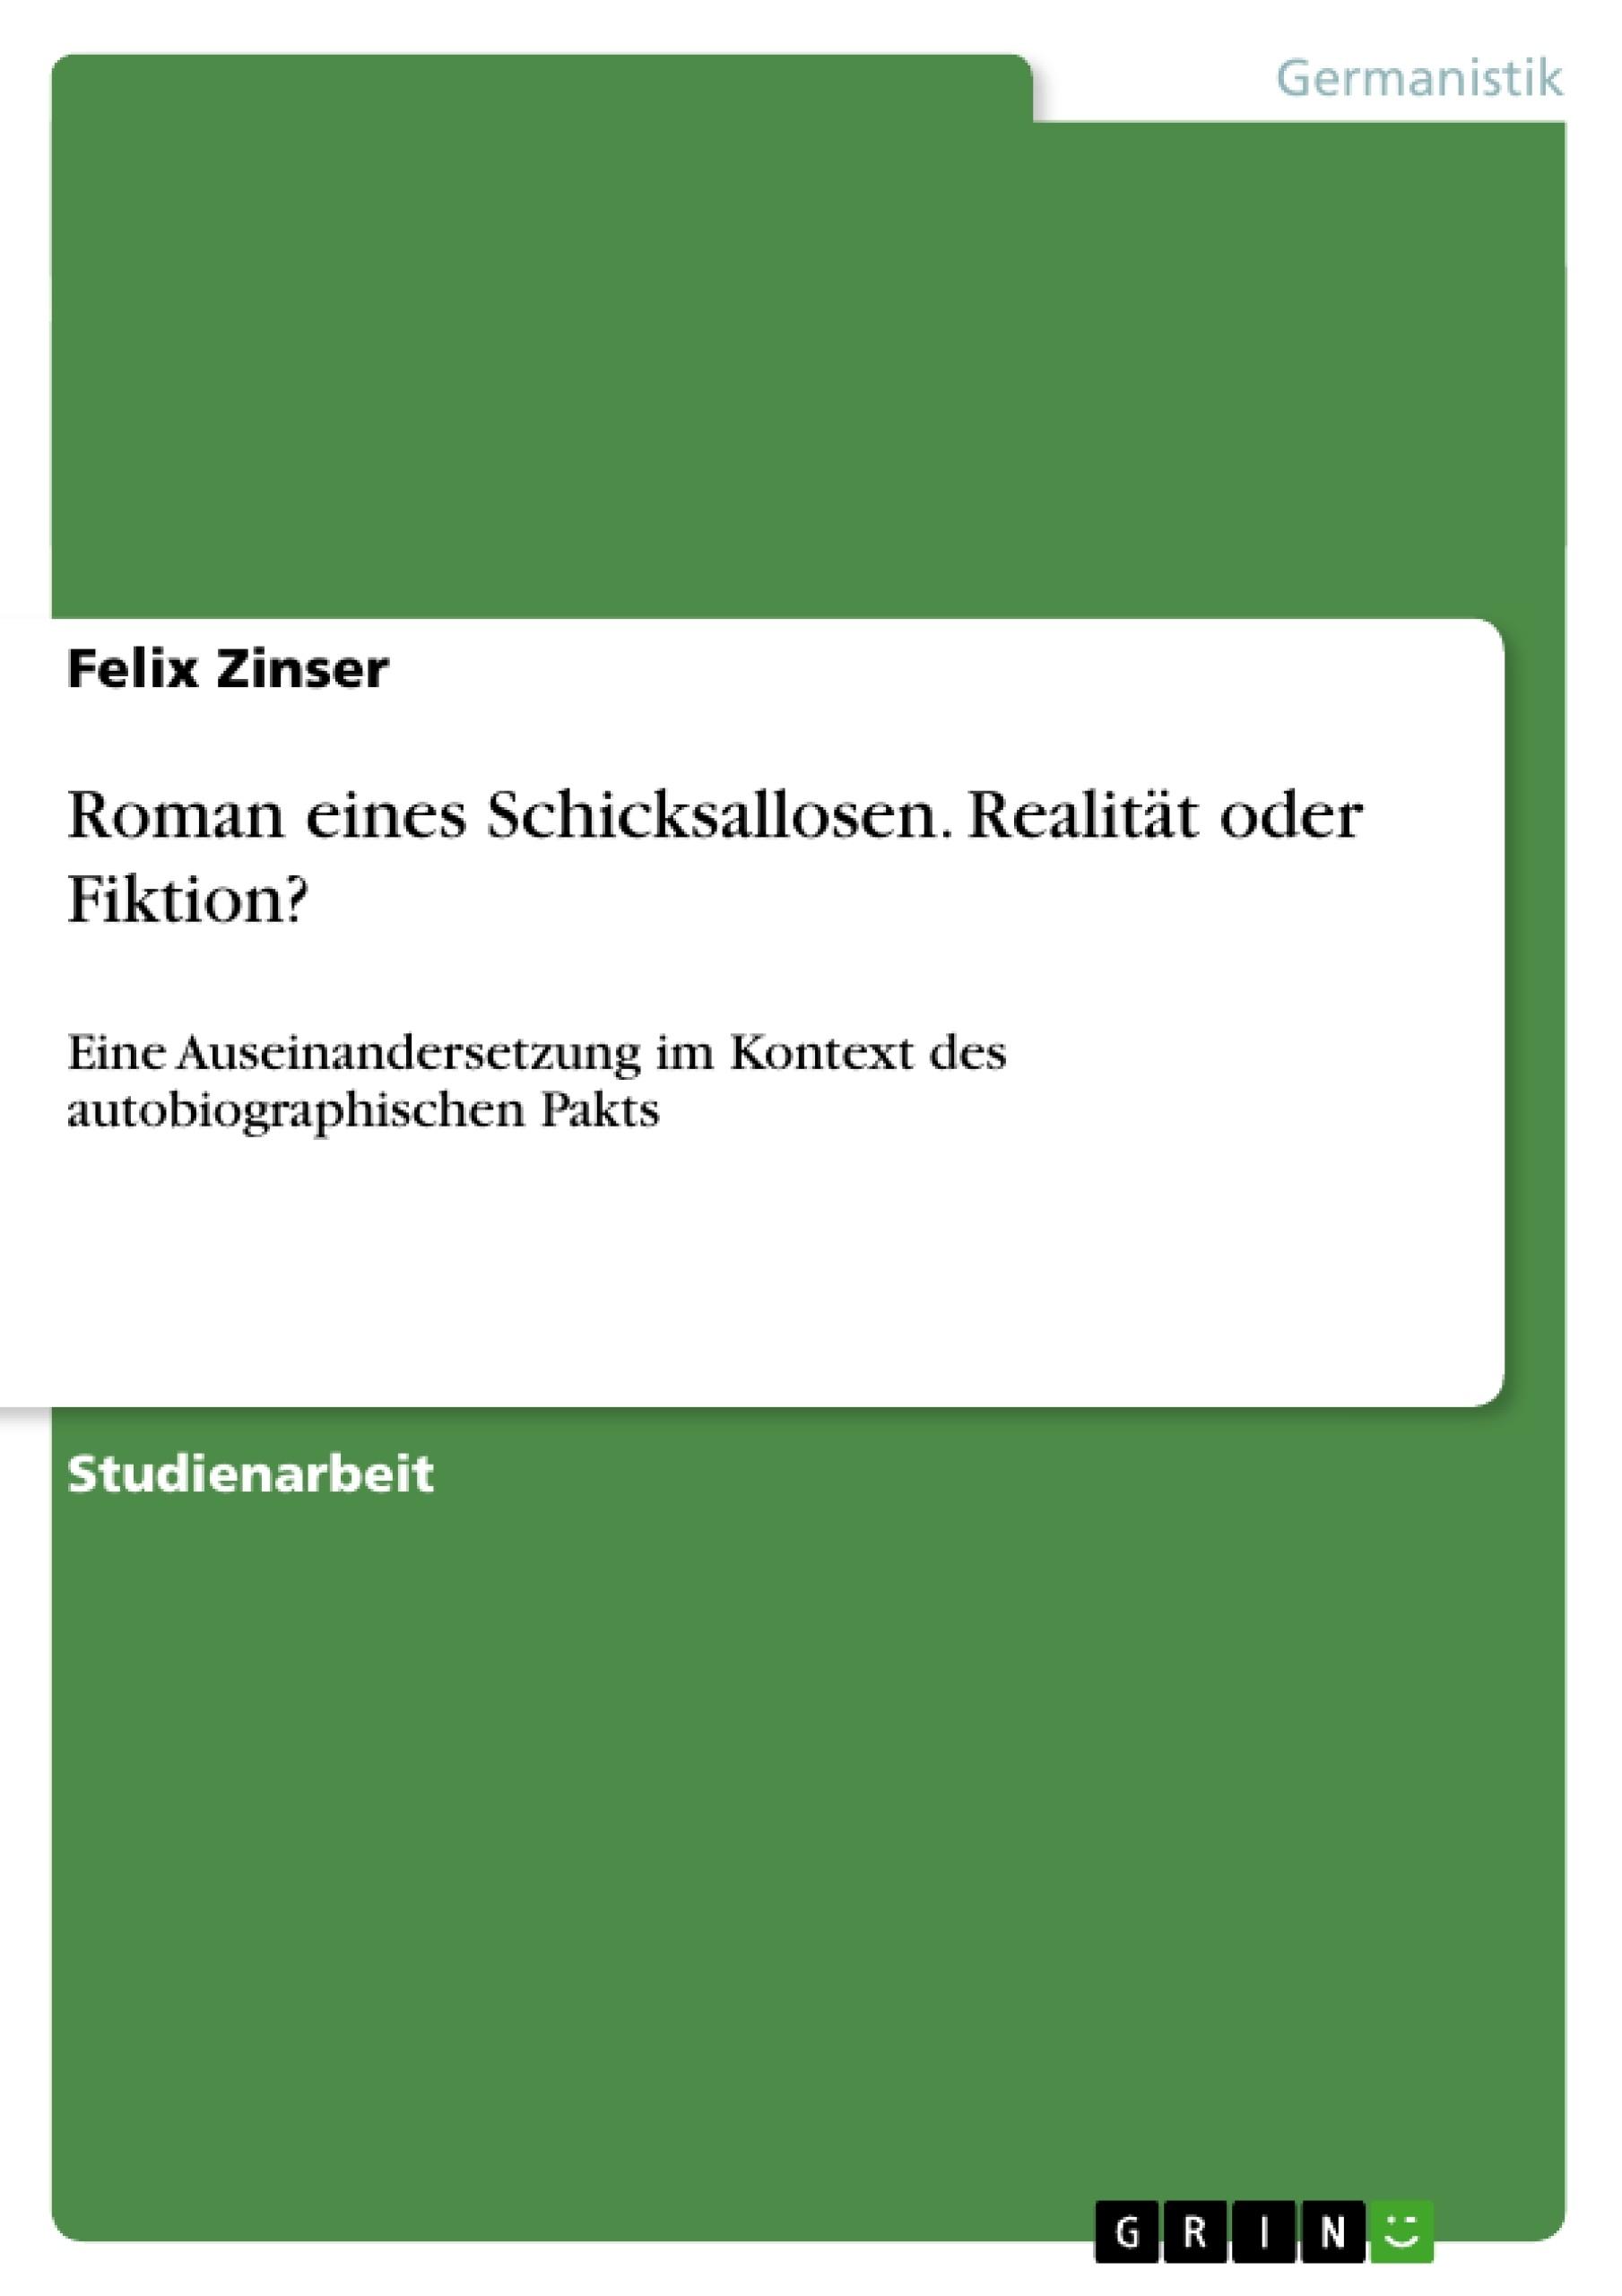 Titel: Roman eines Schicksallosen. Realität oder Fiktion?